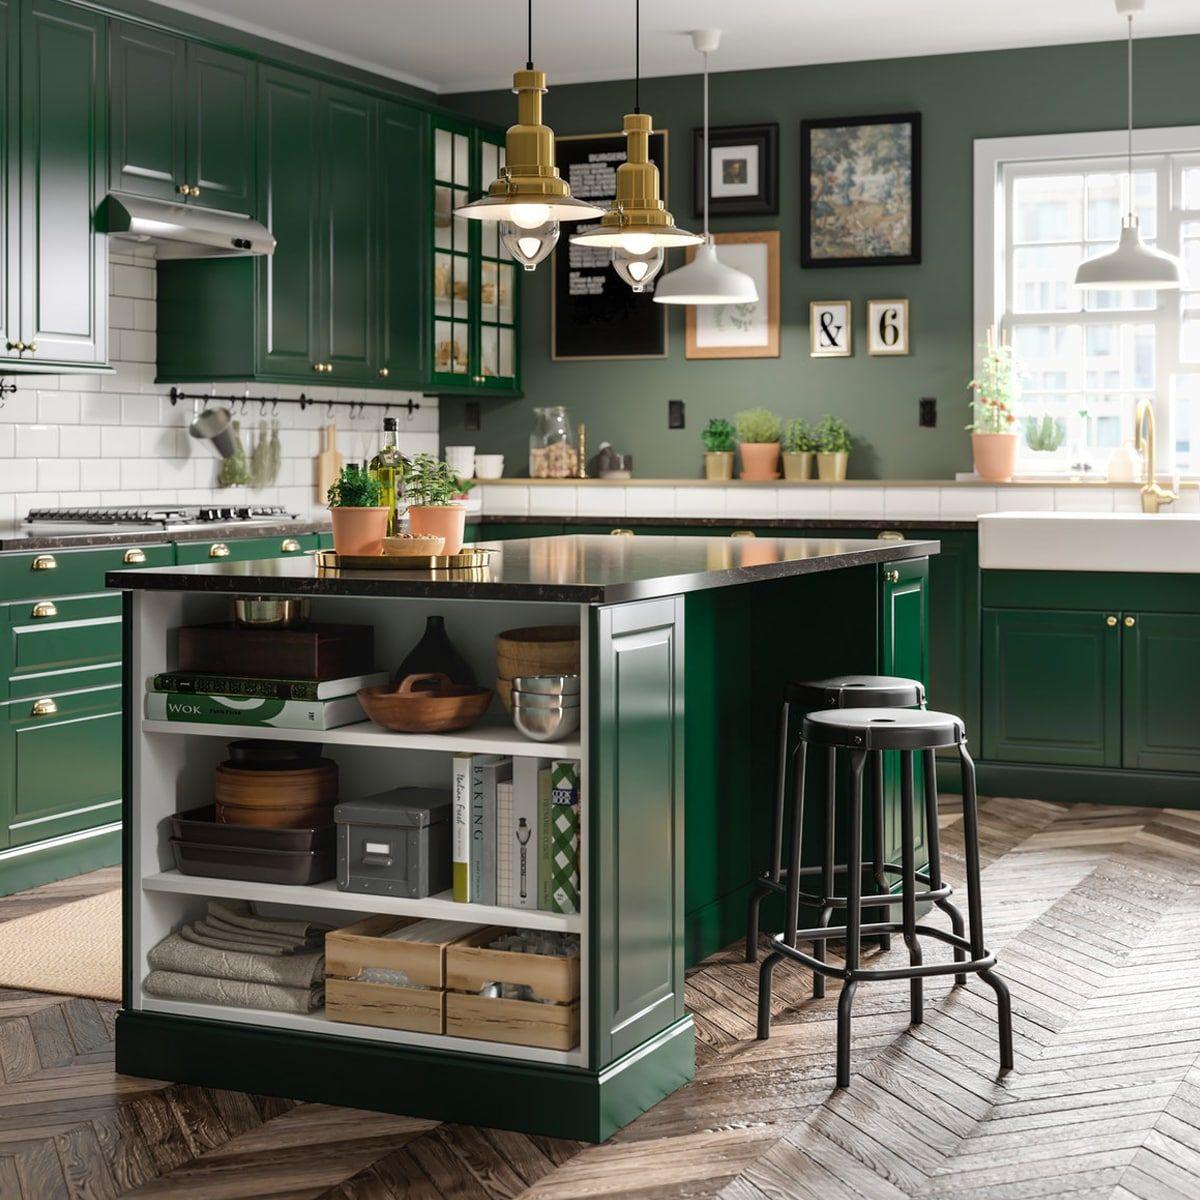 Catalogo cucine Ikea 2020: BODBYN